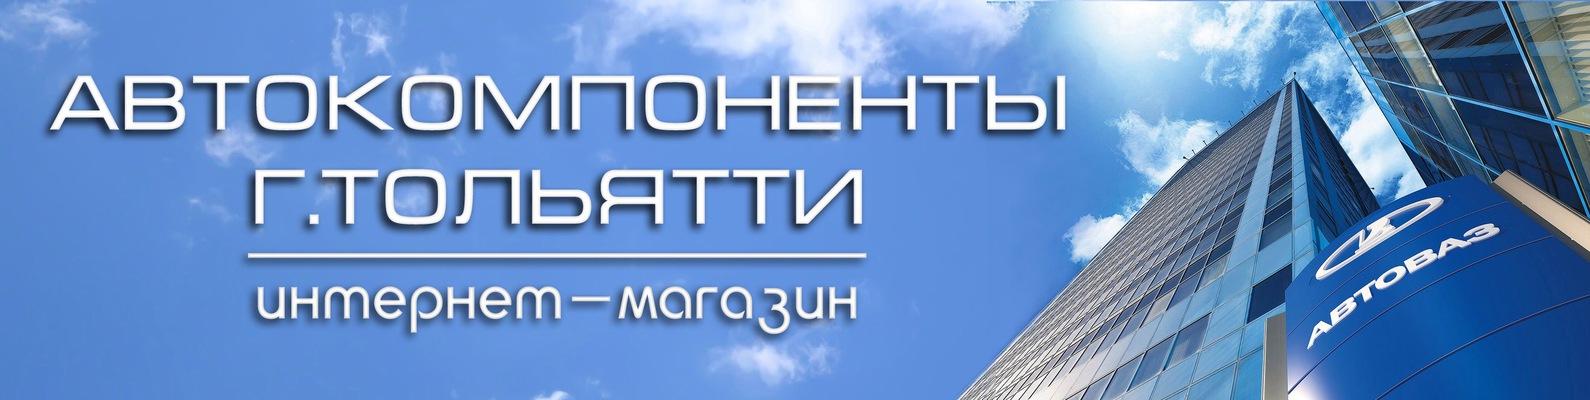 Магазин Автокомпоненты Г Тольятти